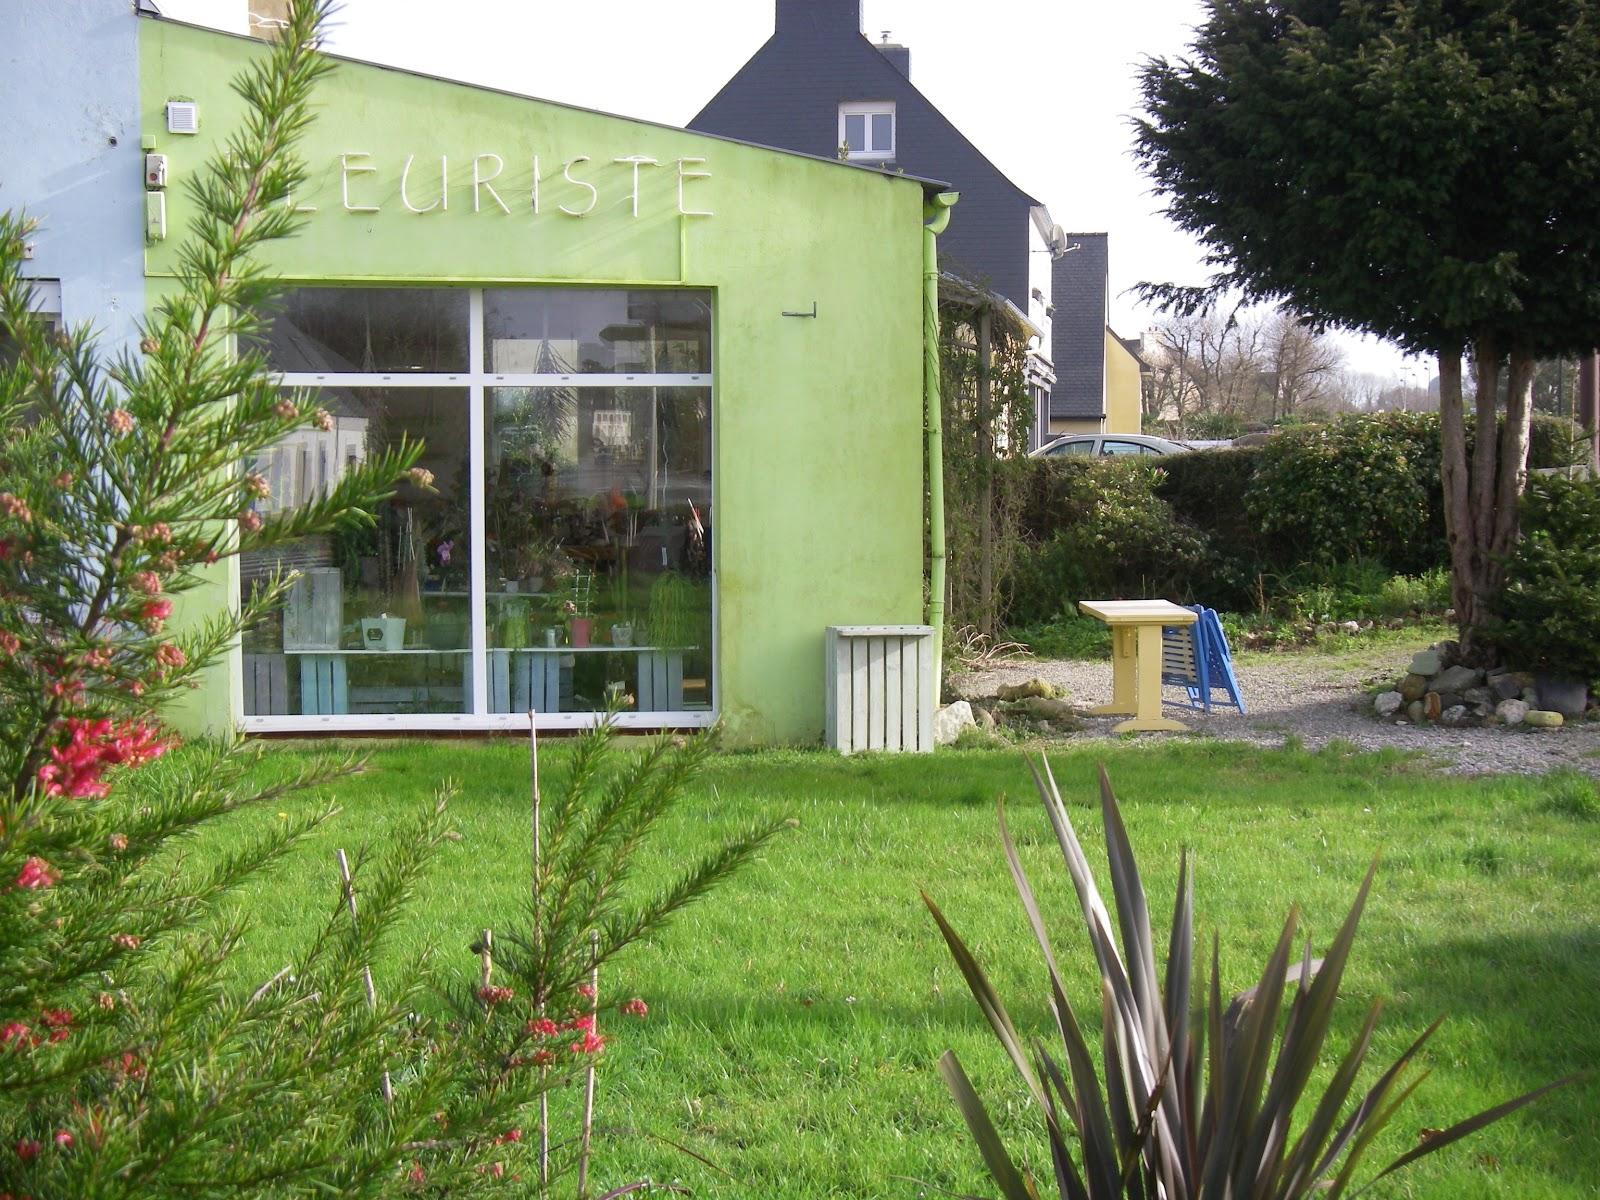 Livraison de fleurs par le fleuriste gingembre l 39 adresse for Adresse fleuriste